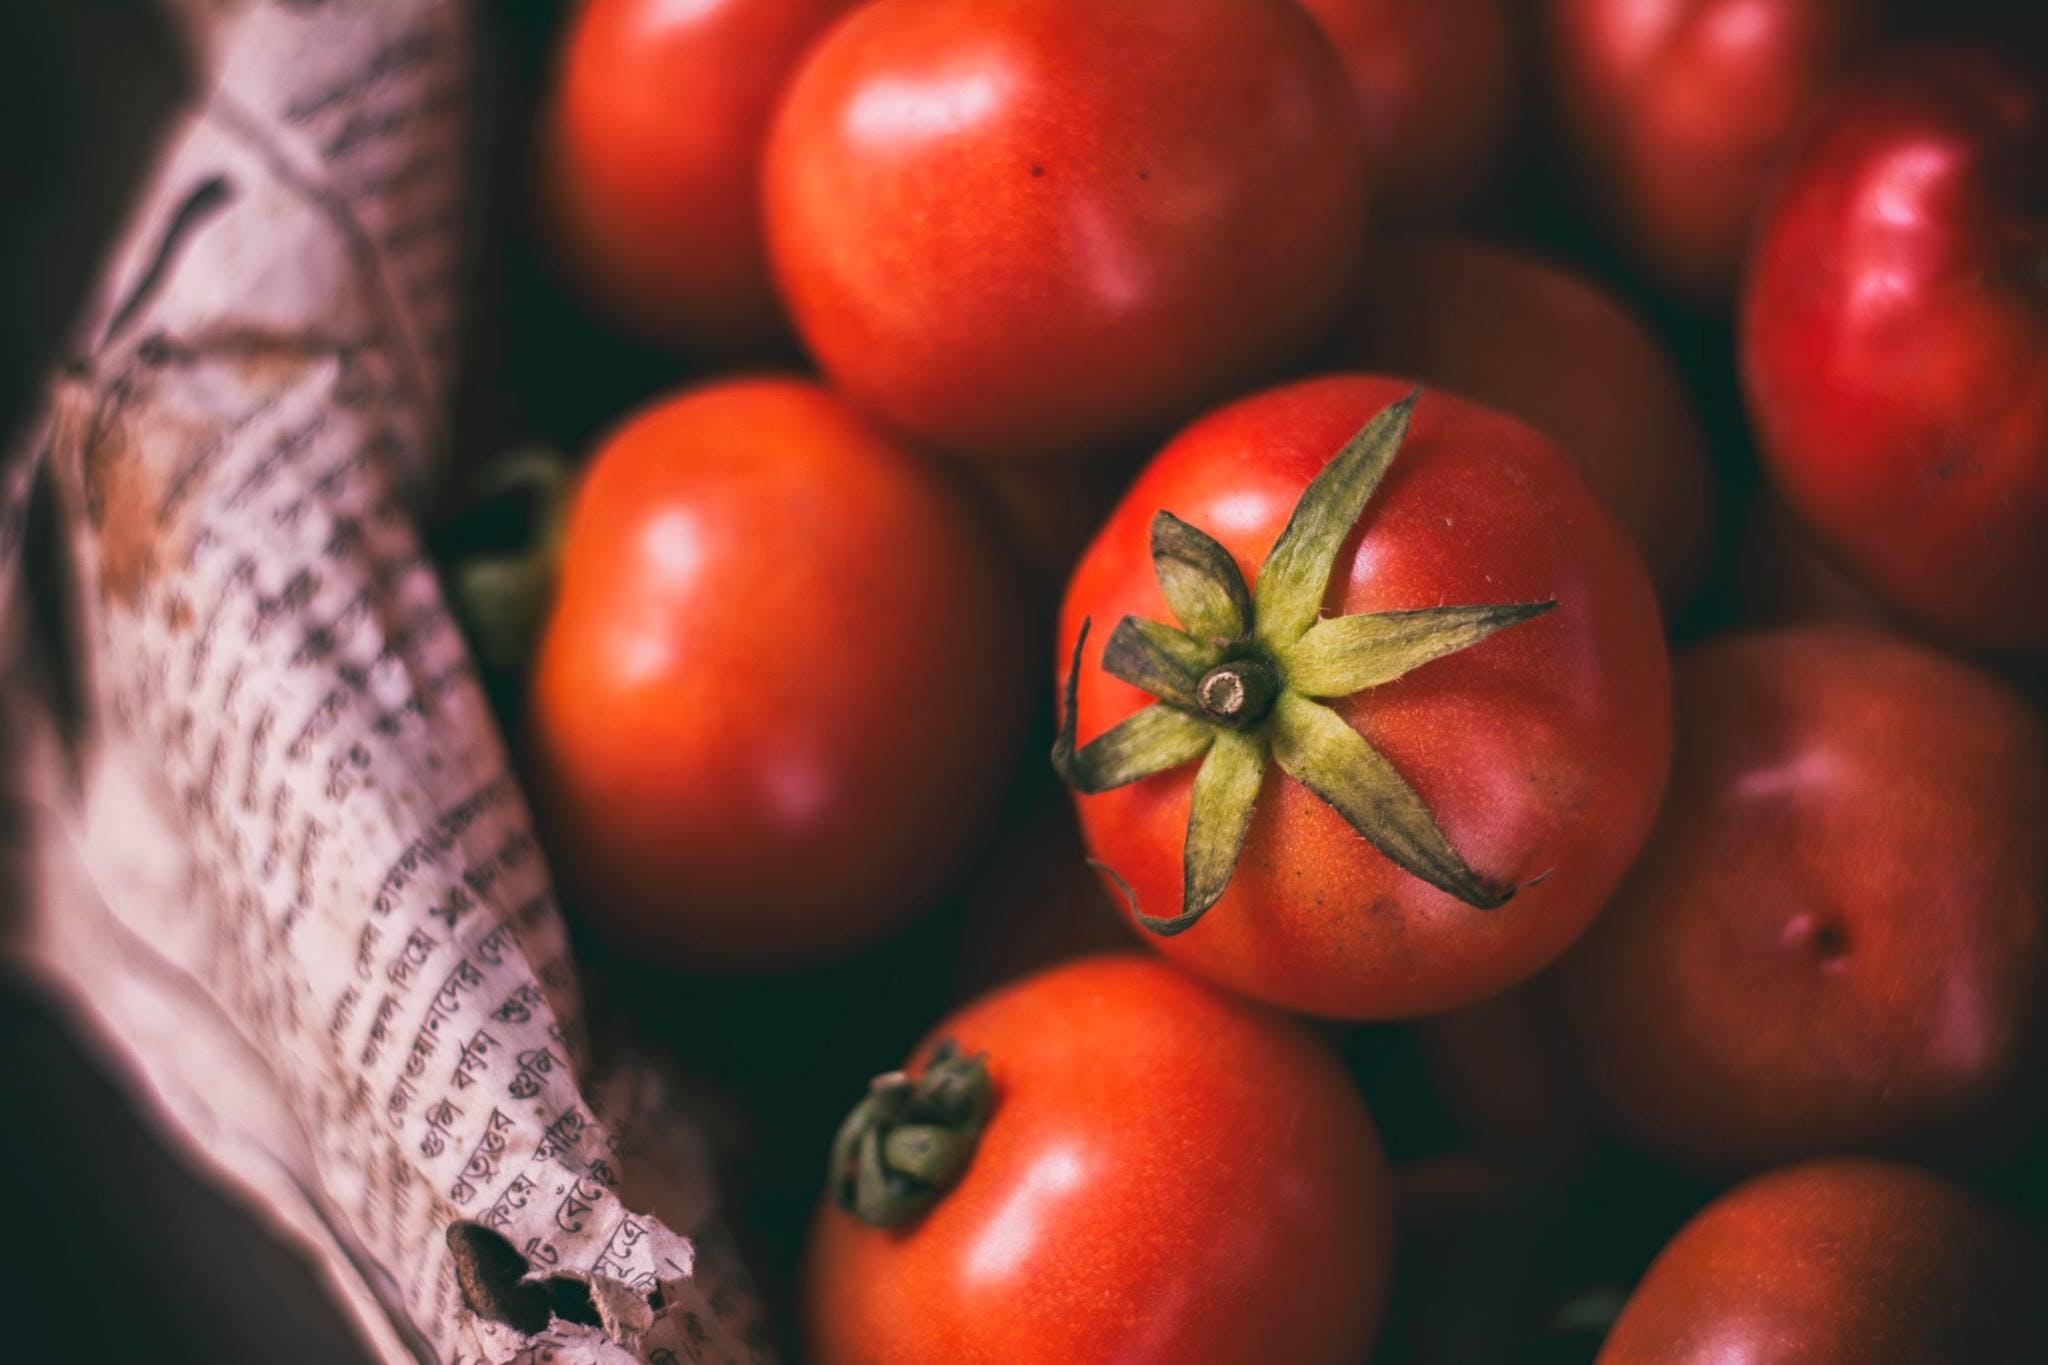 Kostnadsfri bild av färsk, hälsa, hälsosam, jordbruk